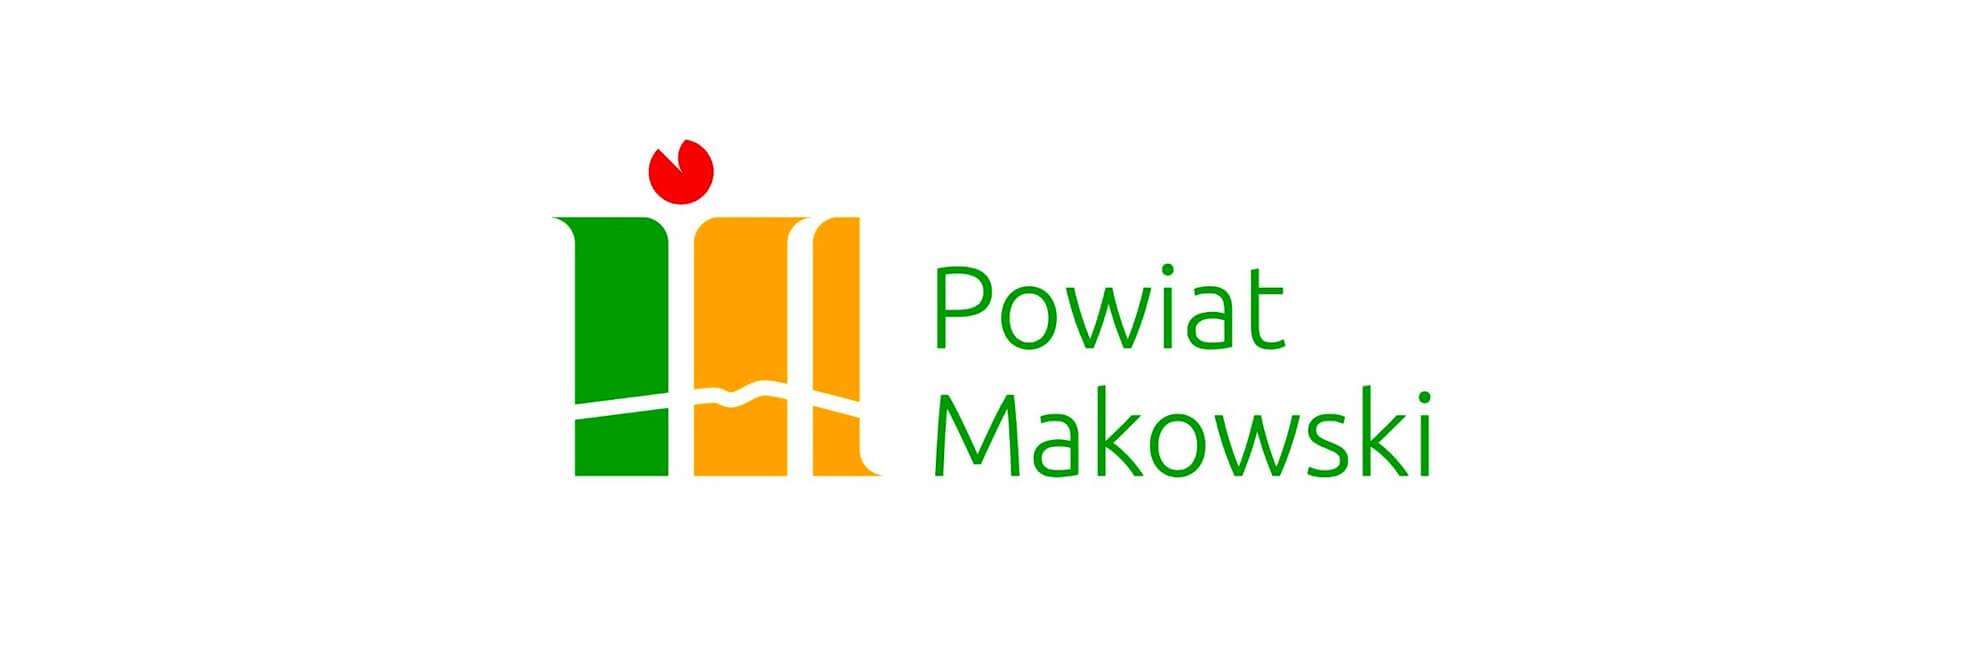 Powiat Makowski ma nowy znak